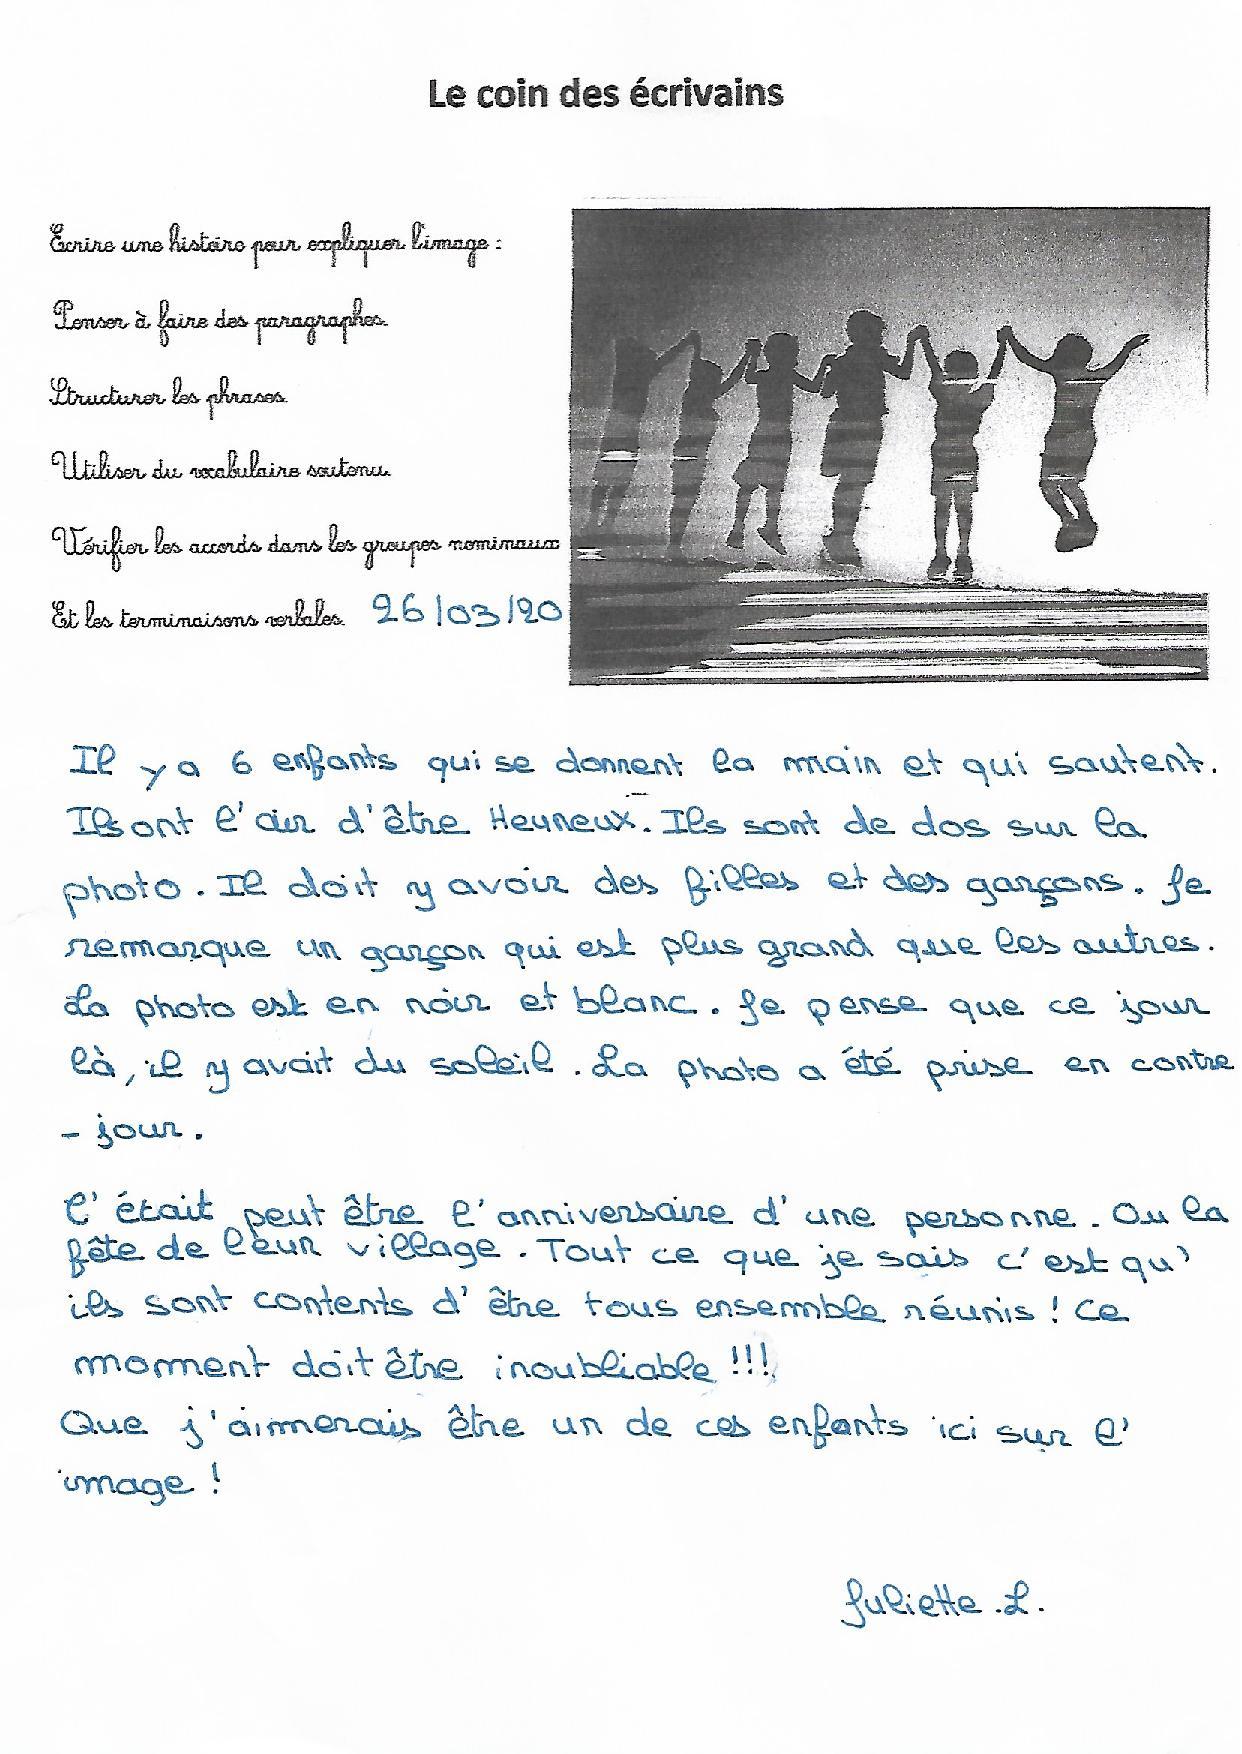 2020-03-26_Le coin des écrivains-page-001